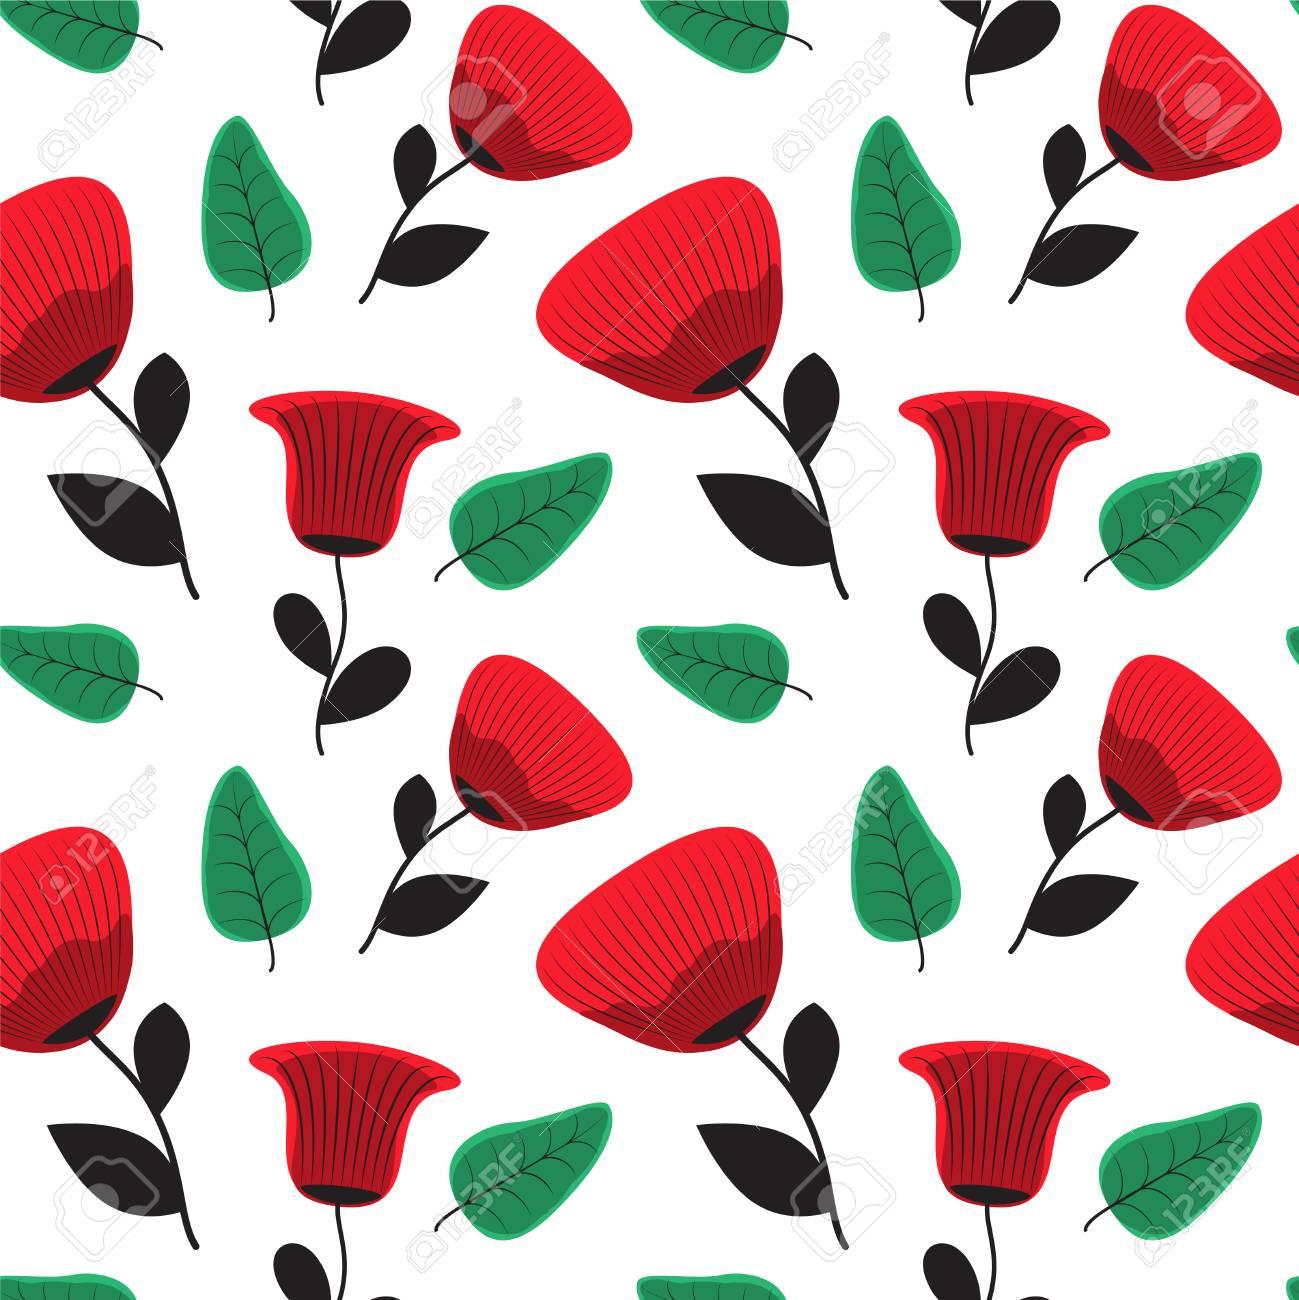 Seamless Poppy Flower Pattern Stock Vector